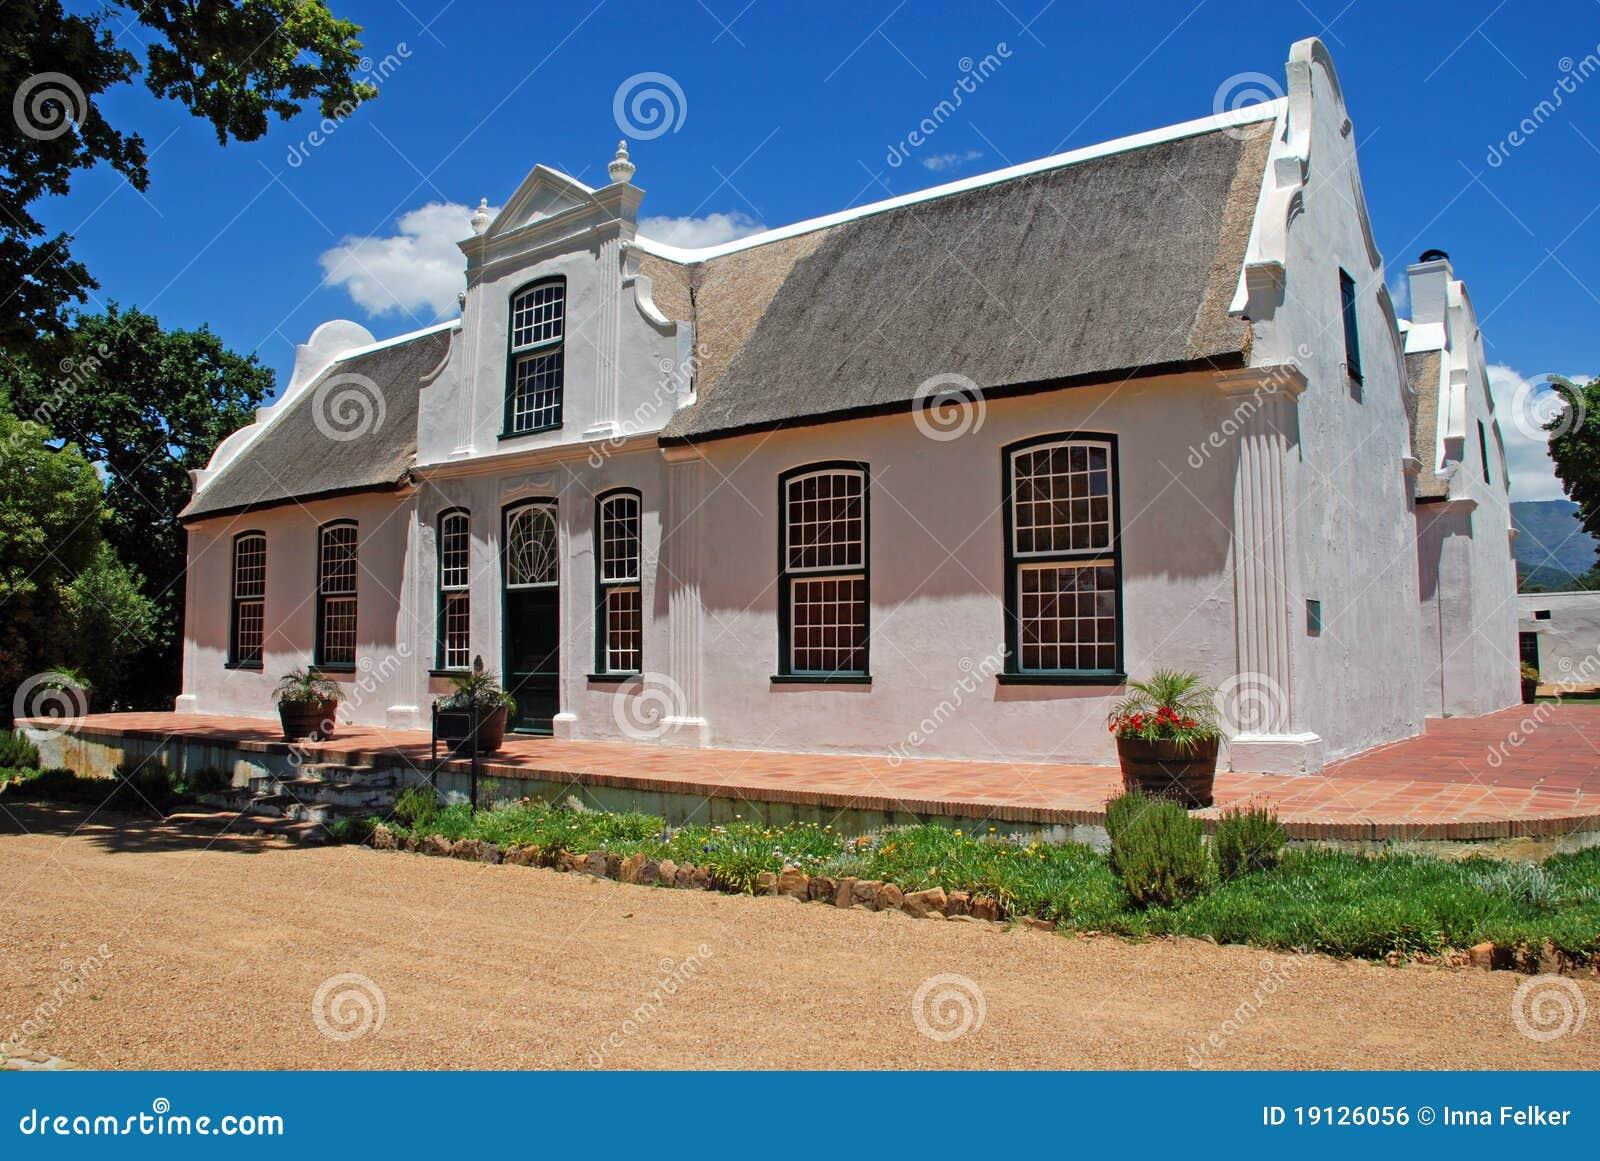 De boerderij van de wijn in koloniale stijl zuid afrika royalty vrije stock afbeelding - Koloniale stijl kantoor ...